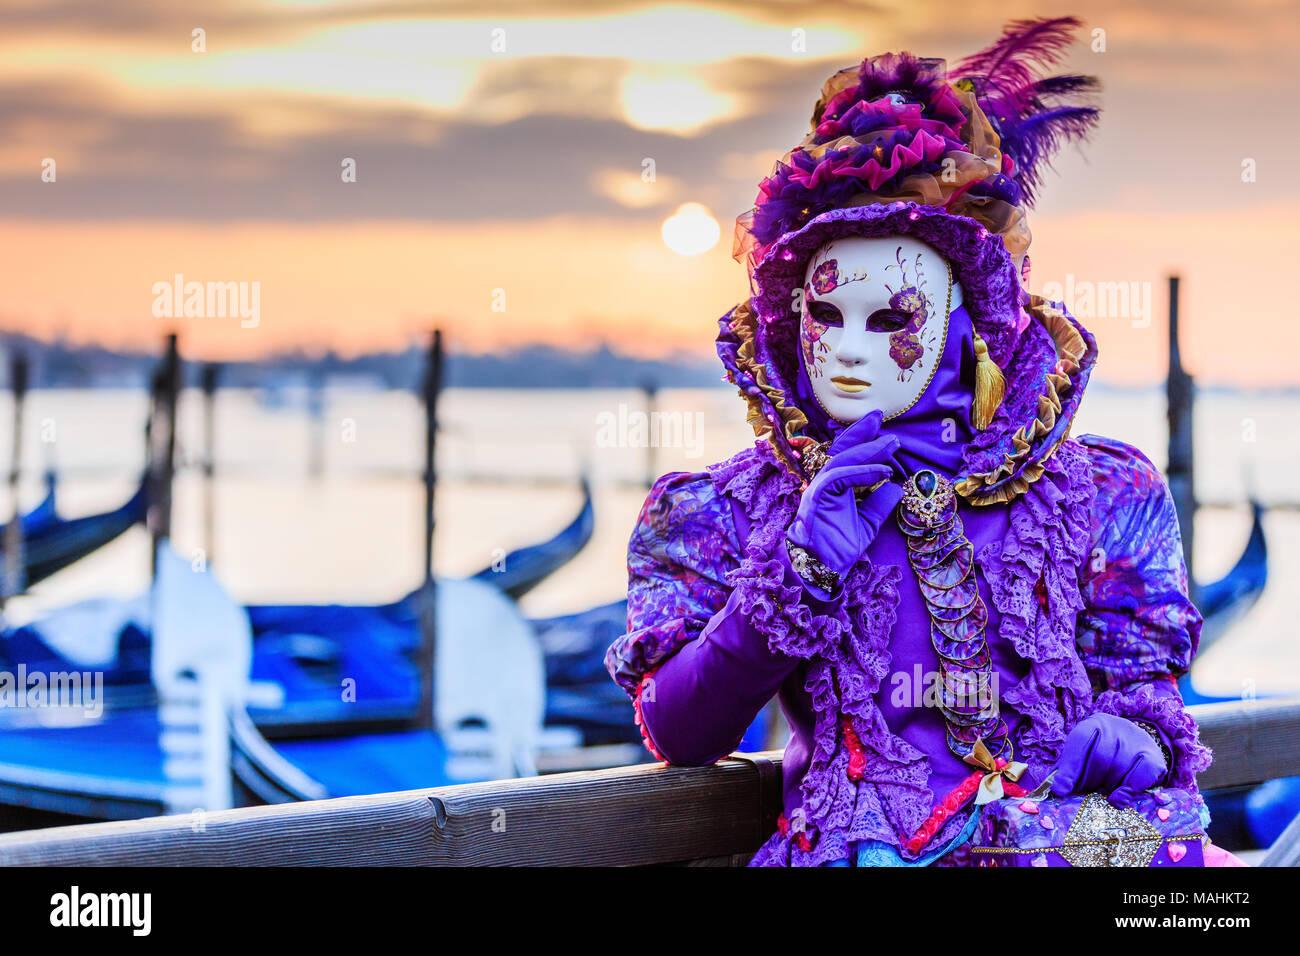 Venezia, Italia. Il carnevale di Venezia, bella maschera in Piazza San Marco. Immagini Stock